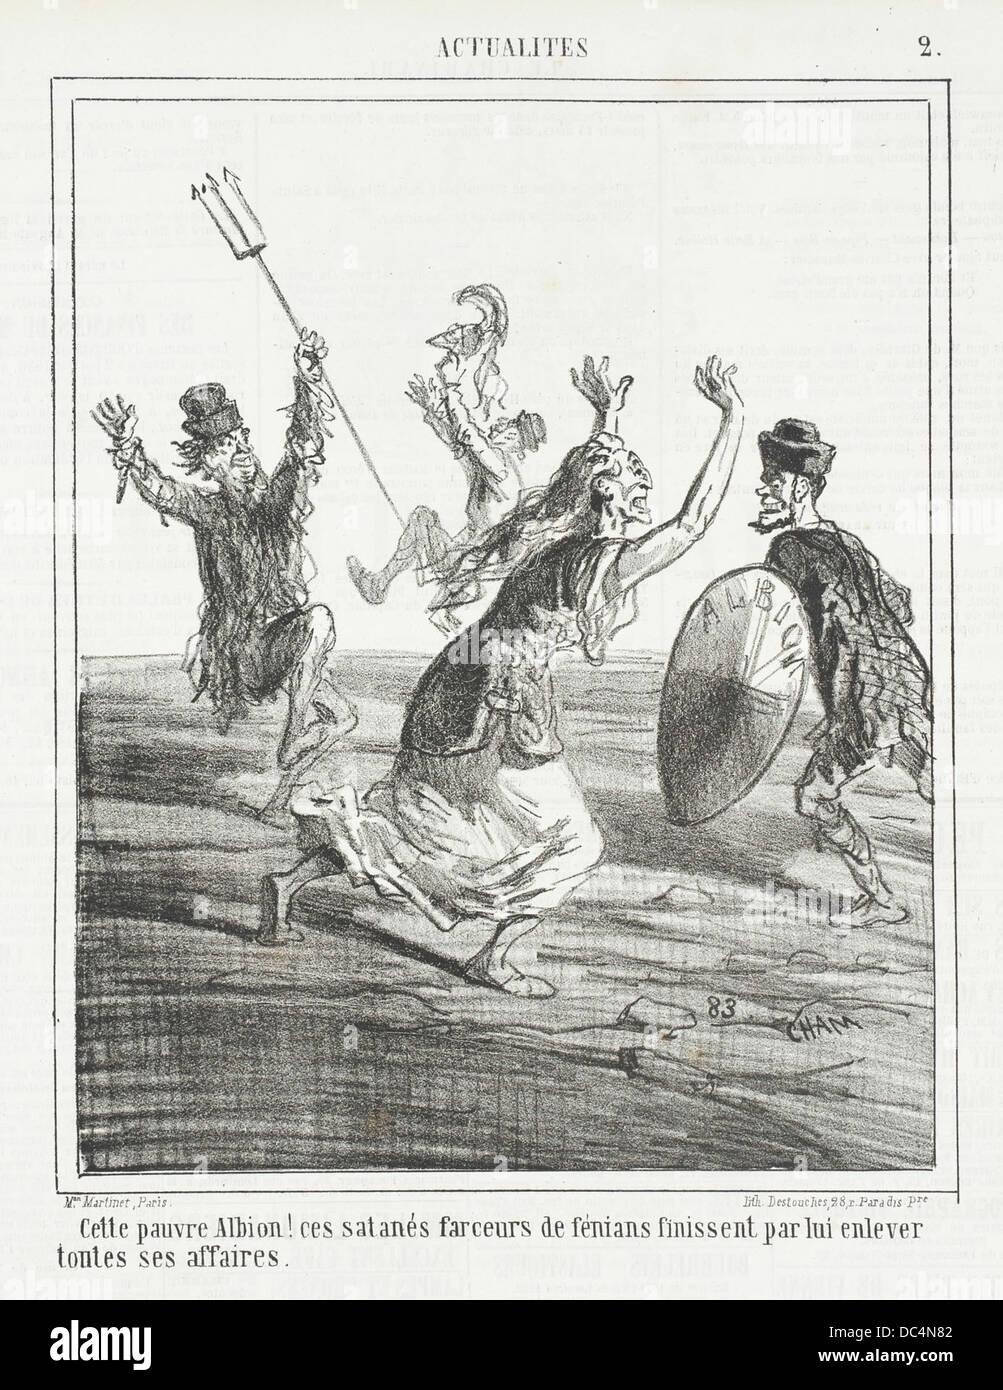 Cette pauvre Albion! Ces satanes farceurs de fenians finissent par lui enlever toutes ses affaires. M.76.132.29 - Stock Image